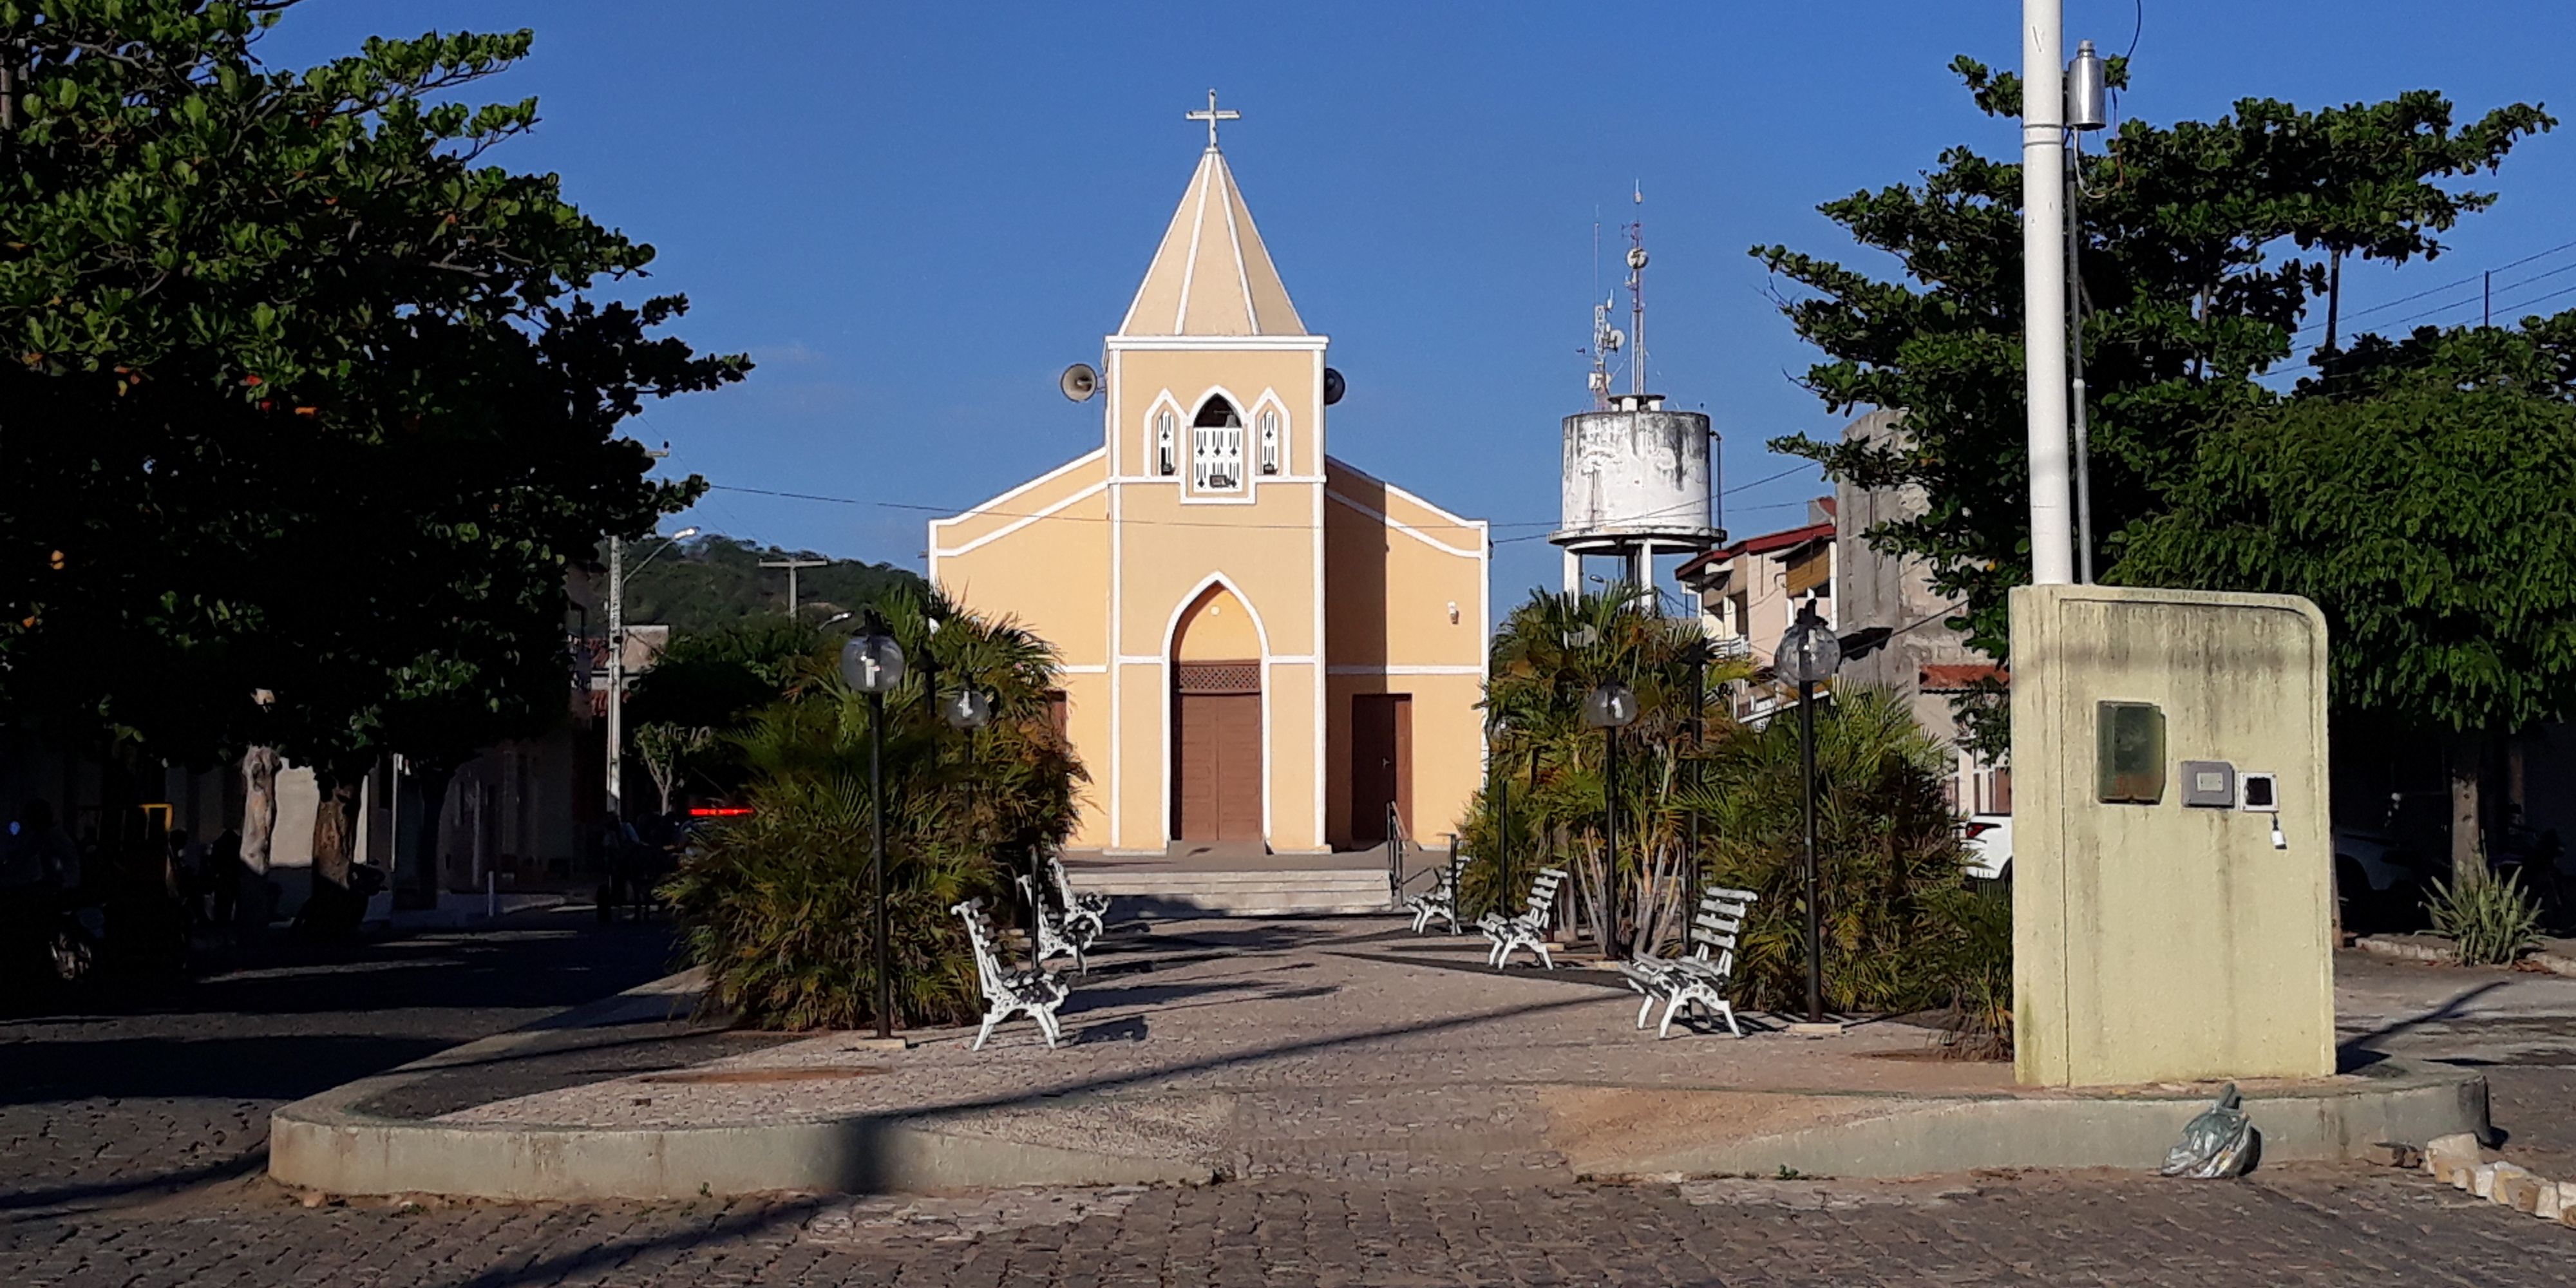 Água Nova Rio Grande do Norte fonte: upload.wikimedia.org